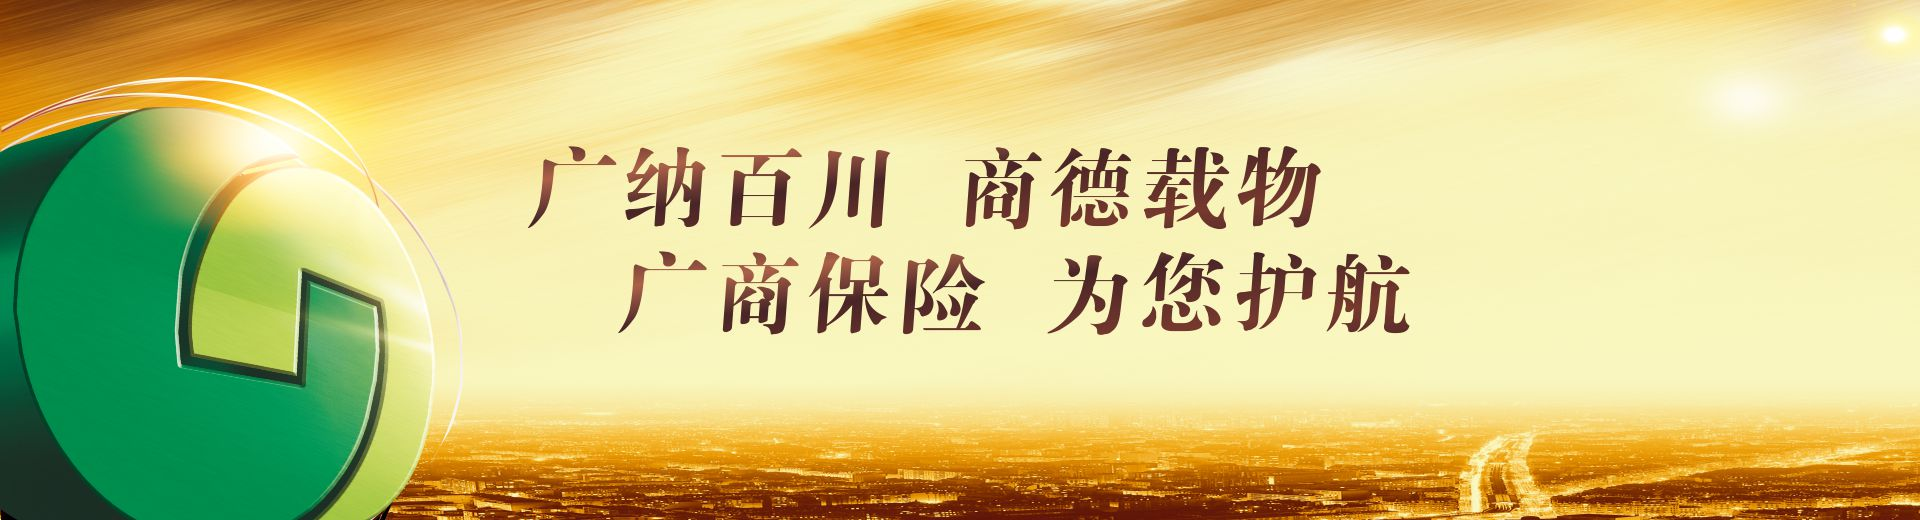 广纳百川,商德载物,vwin德嬴手机客户端德赢ac米兰合作伙伴,为您护航